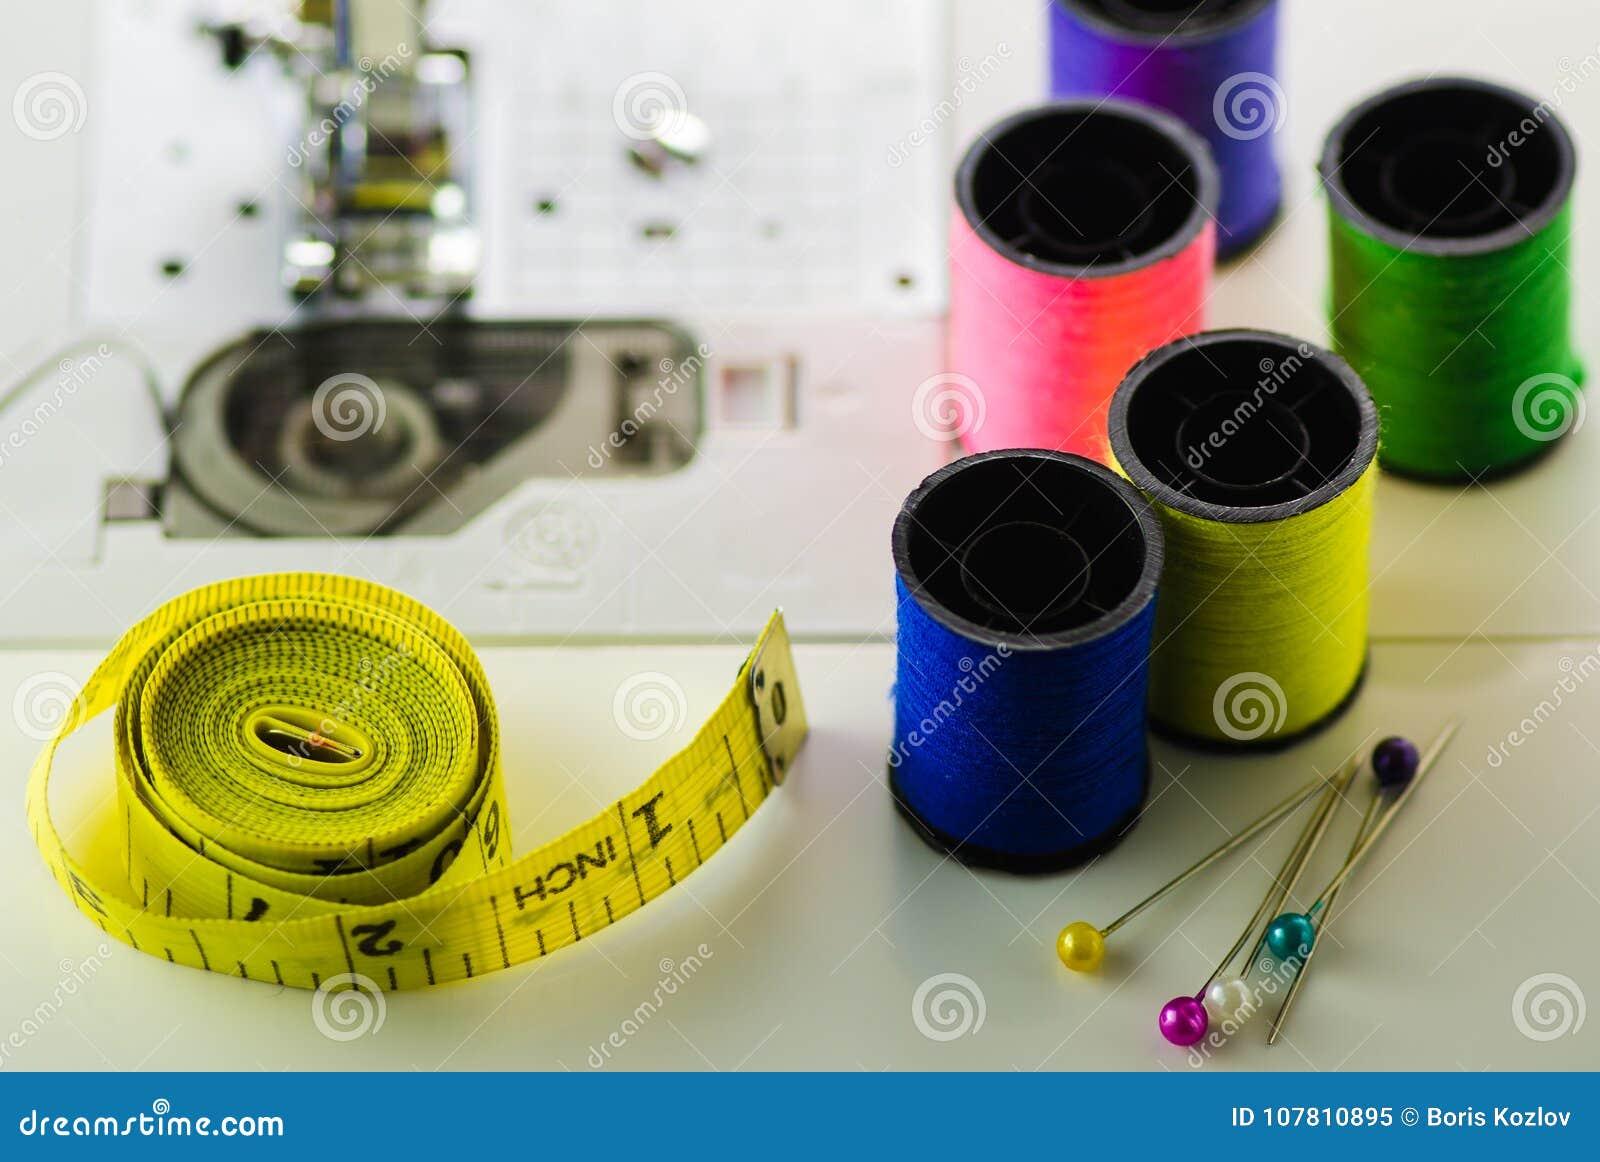 Bobines de la bande colorée de fil, aiguille pour le plan rapproché de machine à coudre